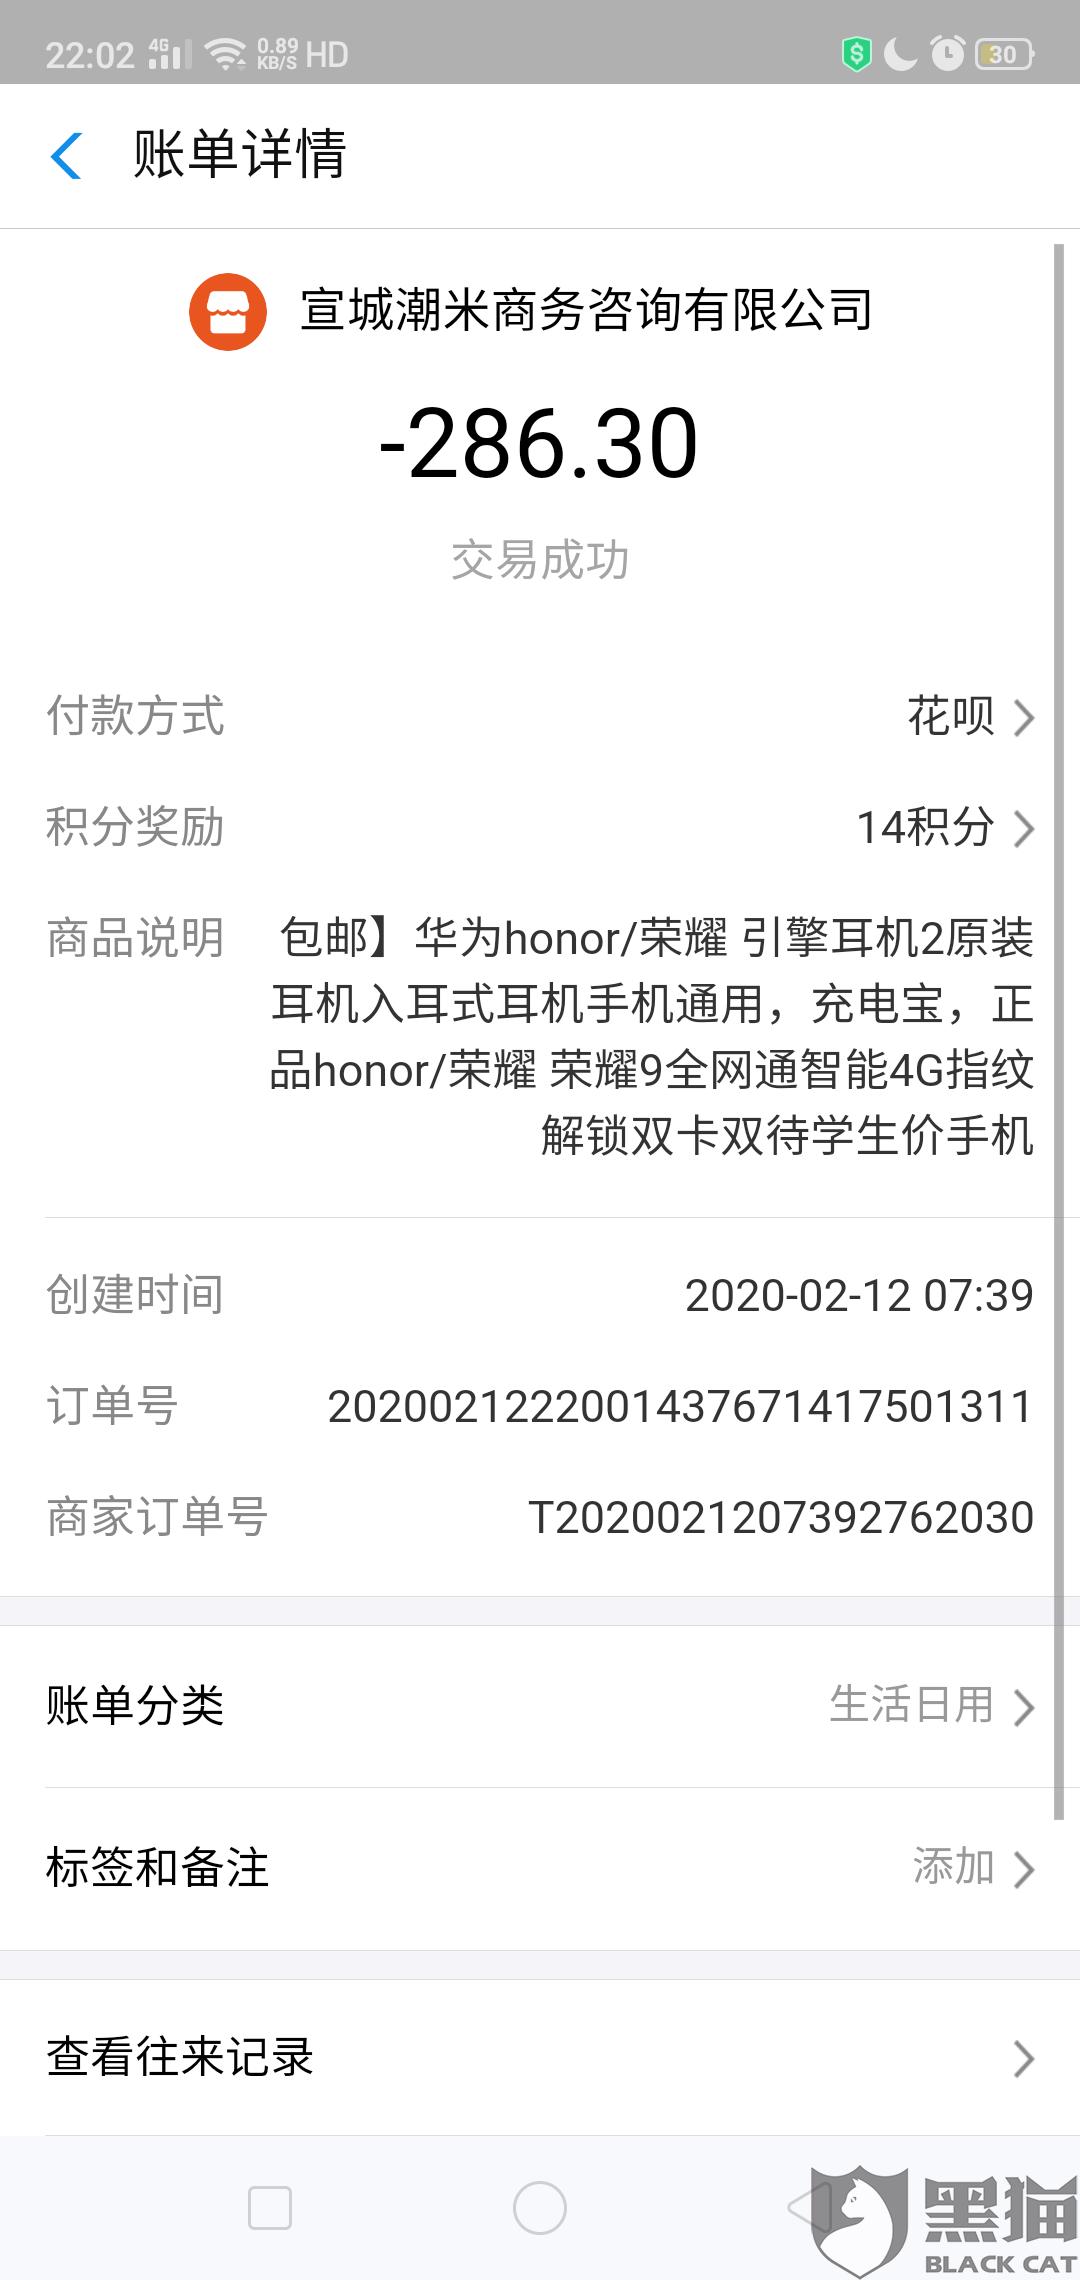 http://www.110tao.com/kuajingdianshang/183853.html